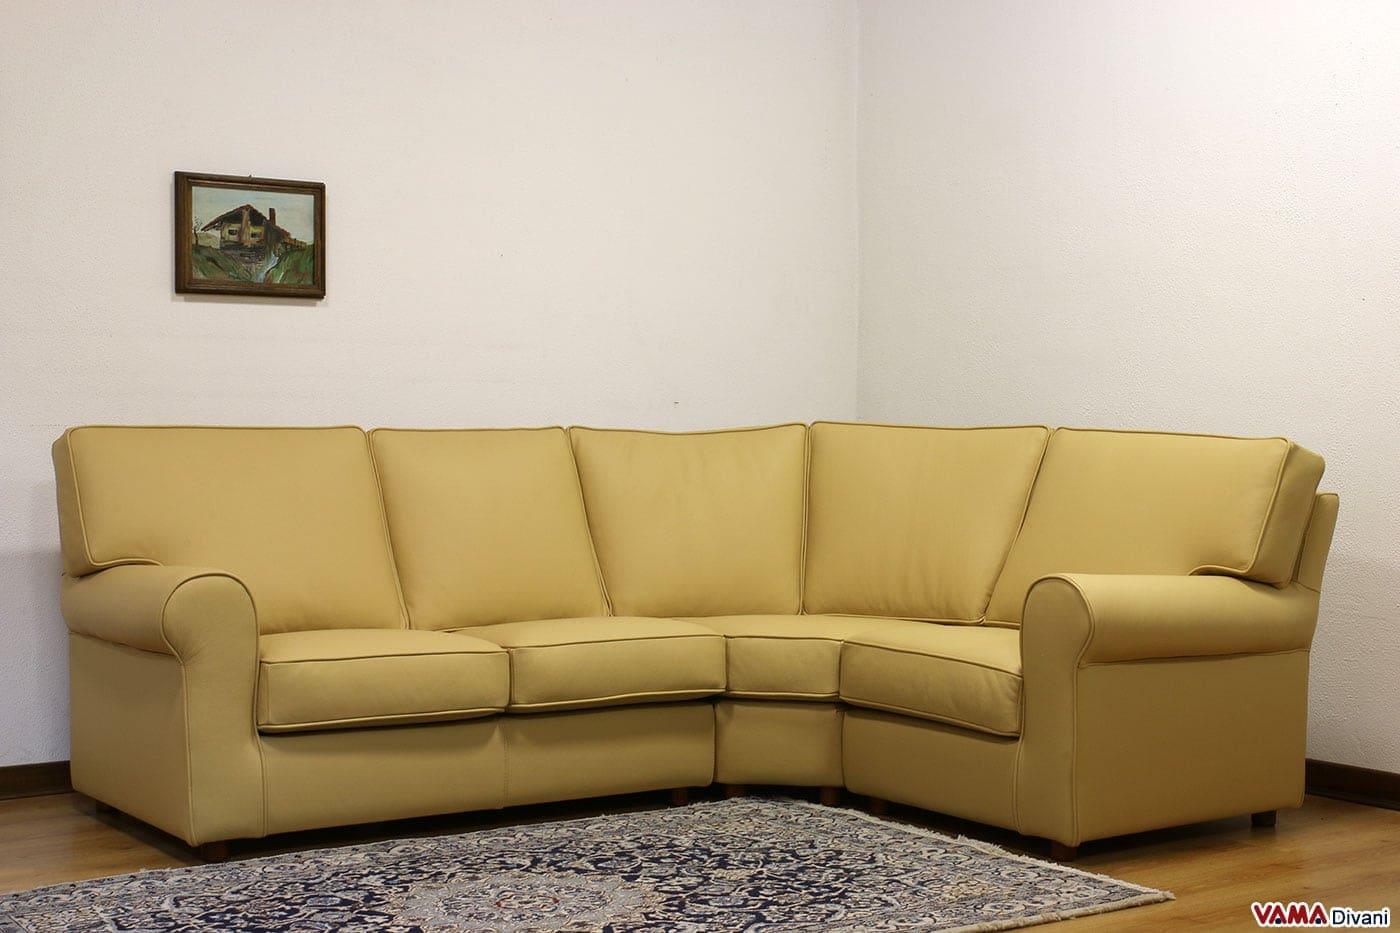 Divano tondo dwg divano classico in tessuto floreale ad - Copridivano per divani reclinabili ...